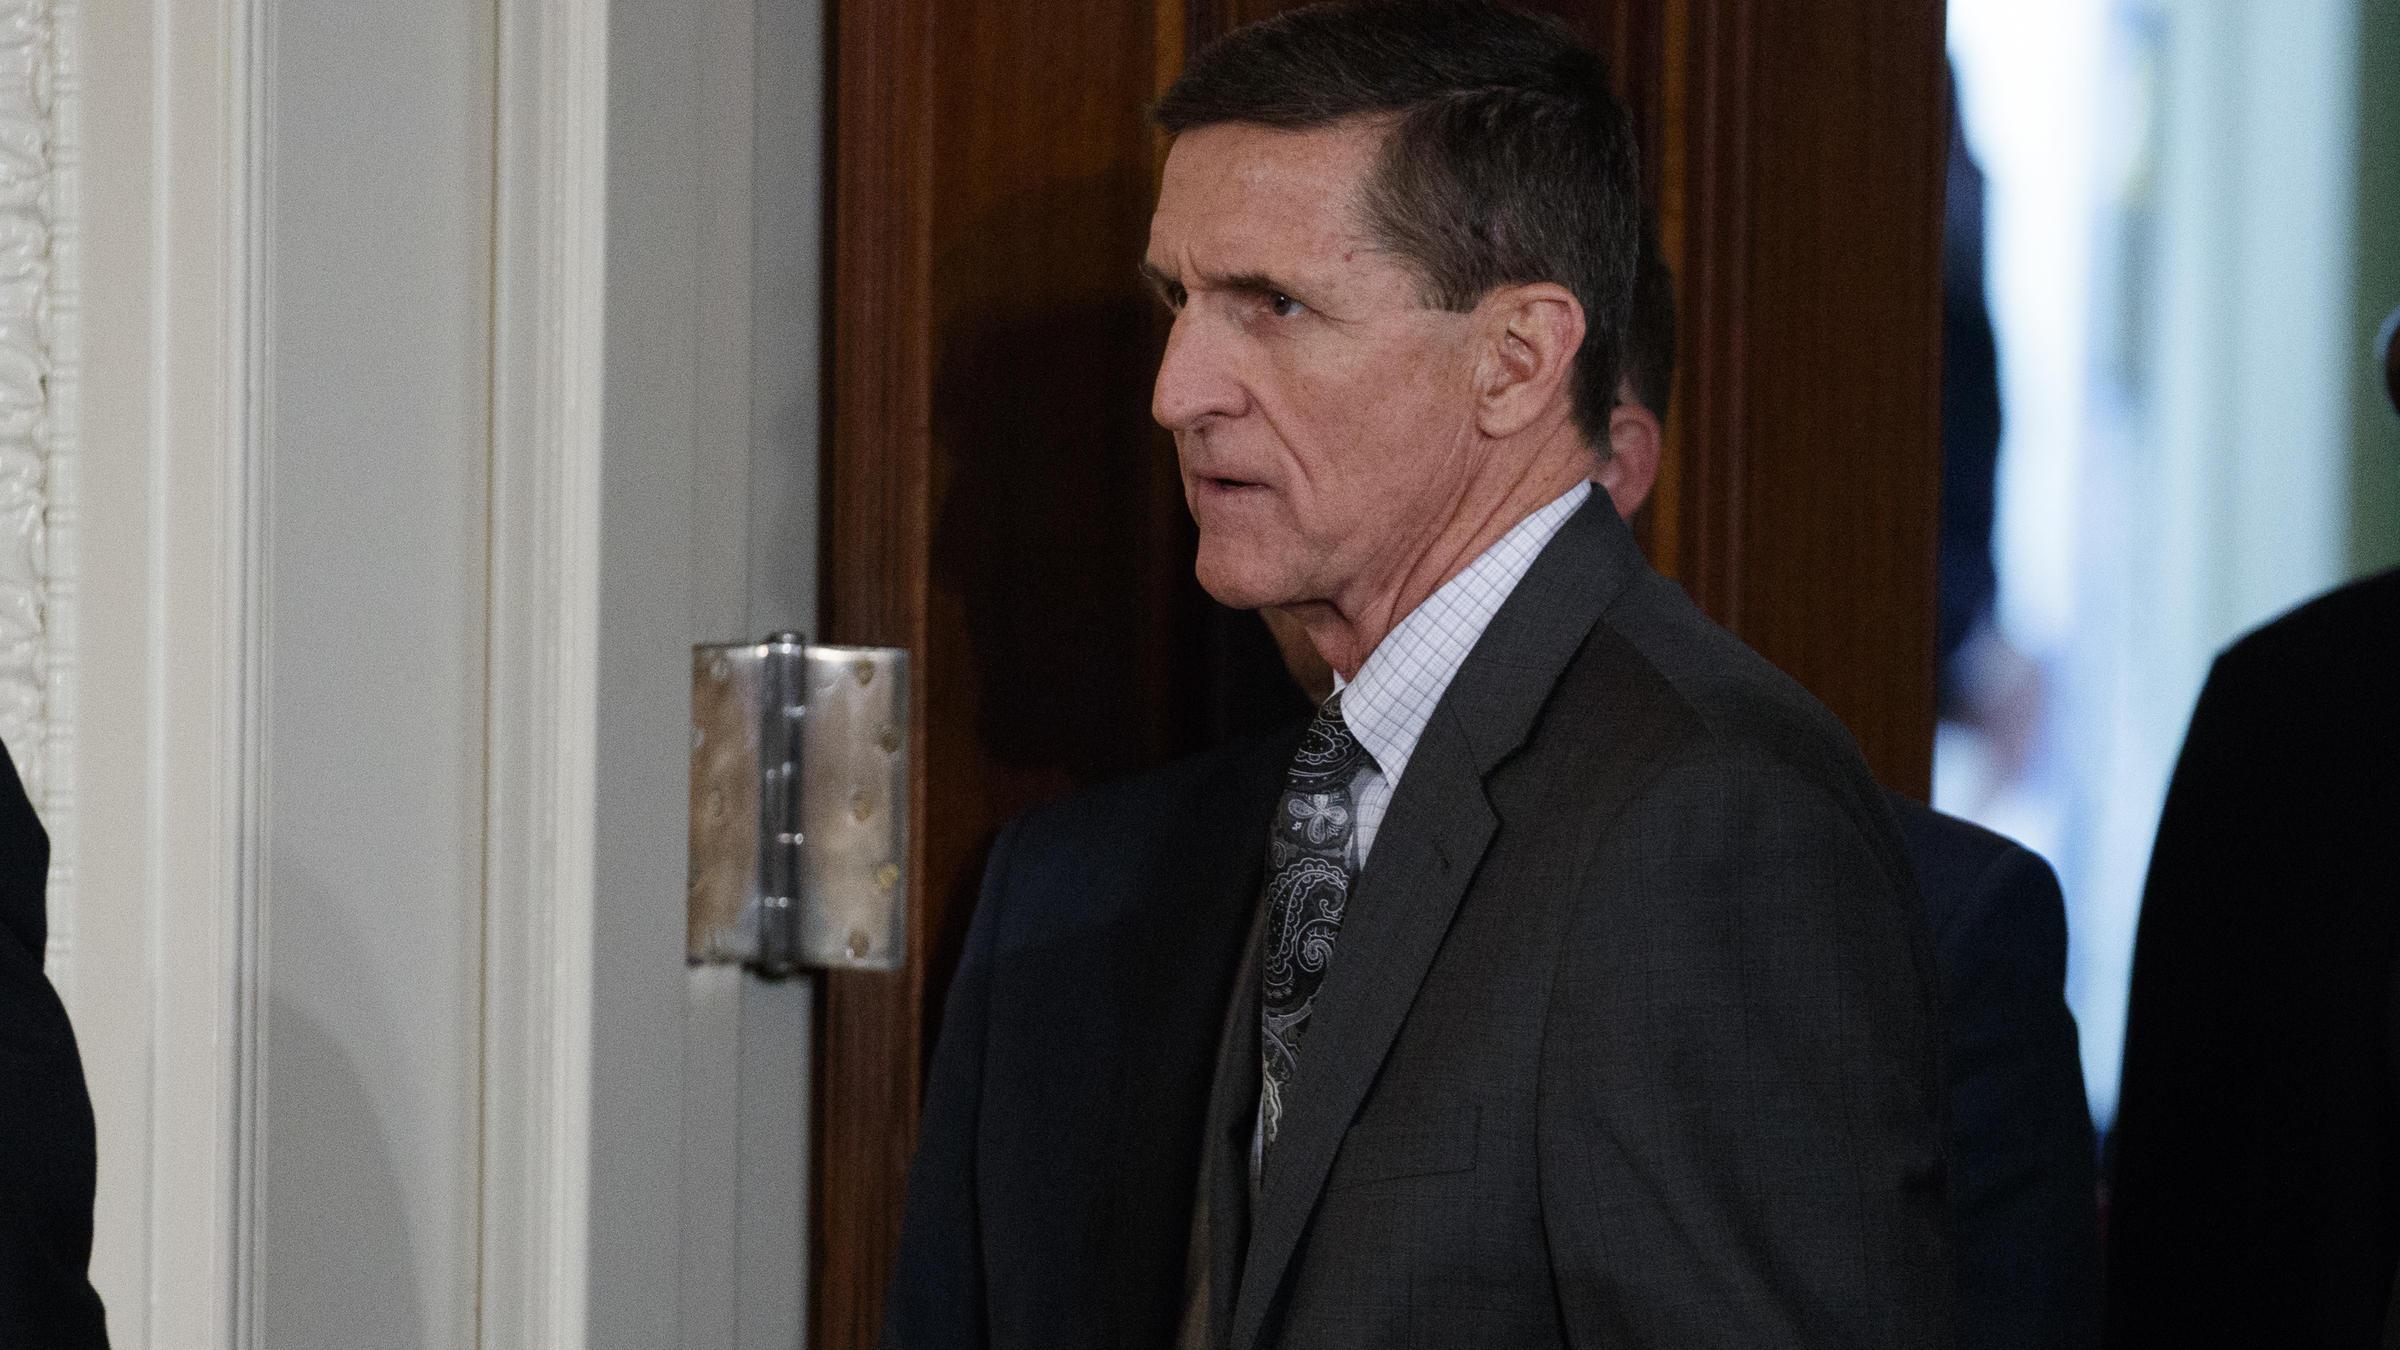 Flynn seeks immunity for testimony